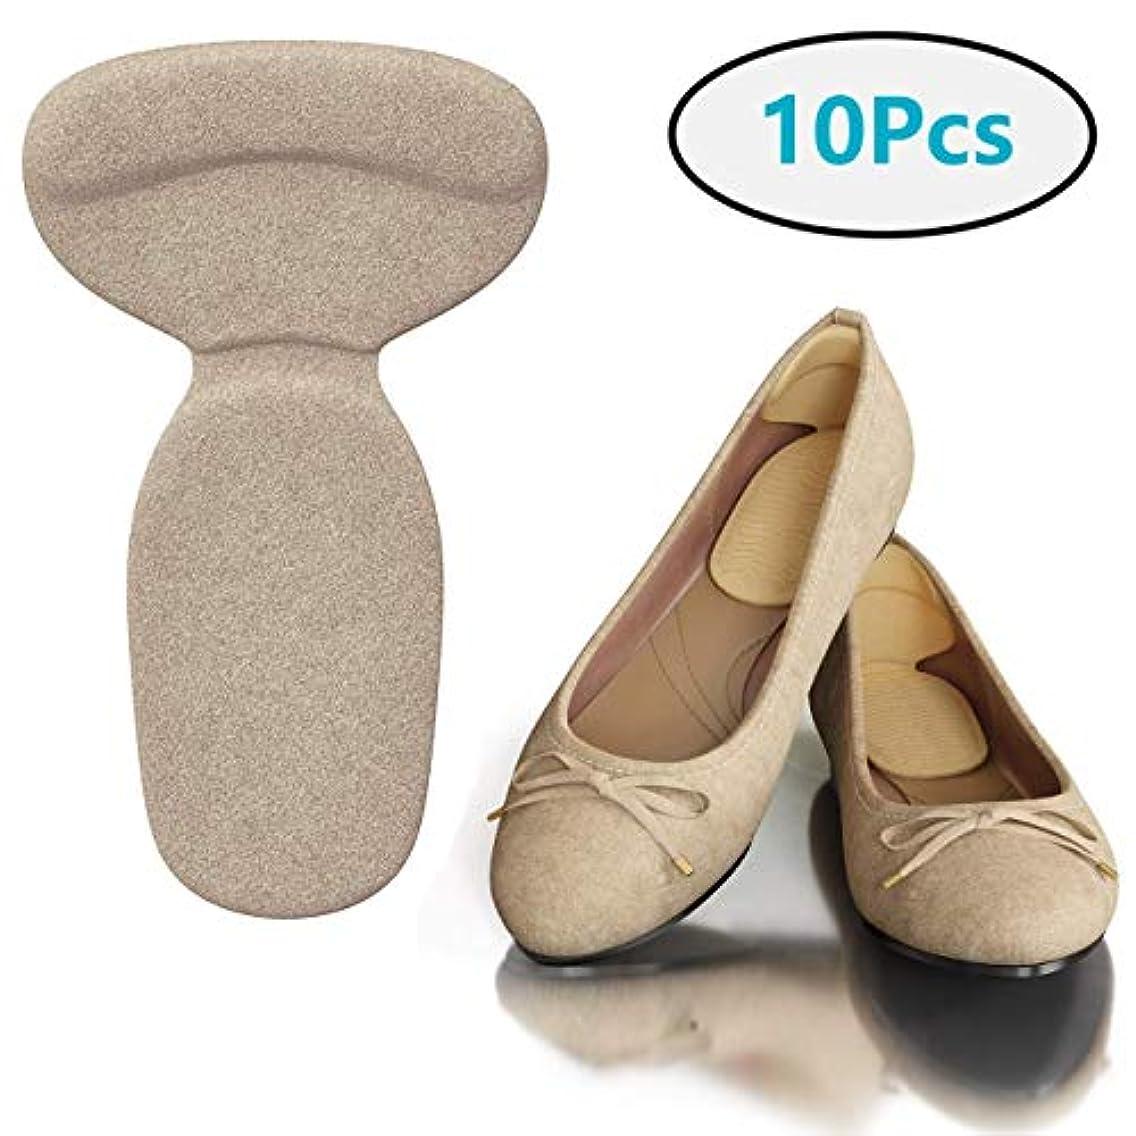 満了動訴える大きすぎる靴のヒールグリップ-10靴インサートパッド-足の痛みの軽減、足底筋膜炎、骨の痛み、アキレスの痛みのためのジェルヒールカップ